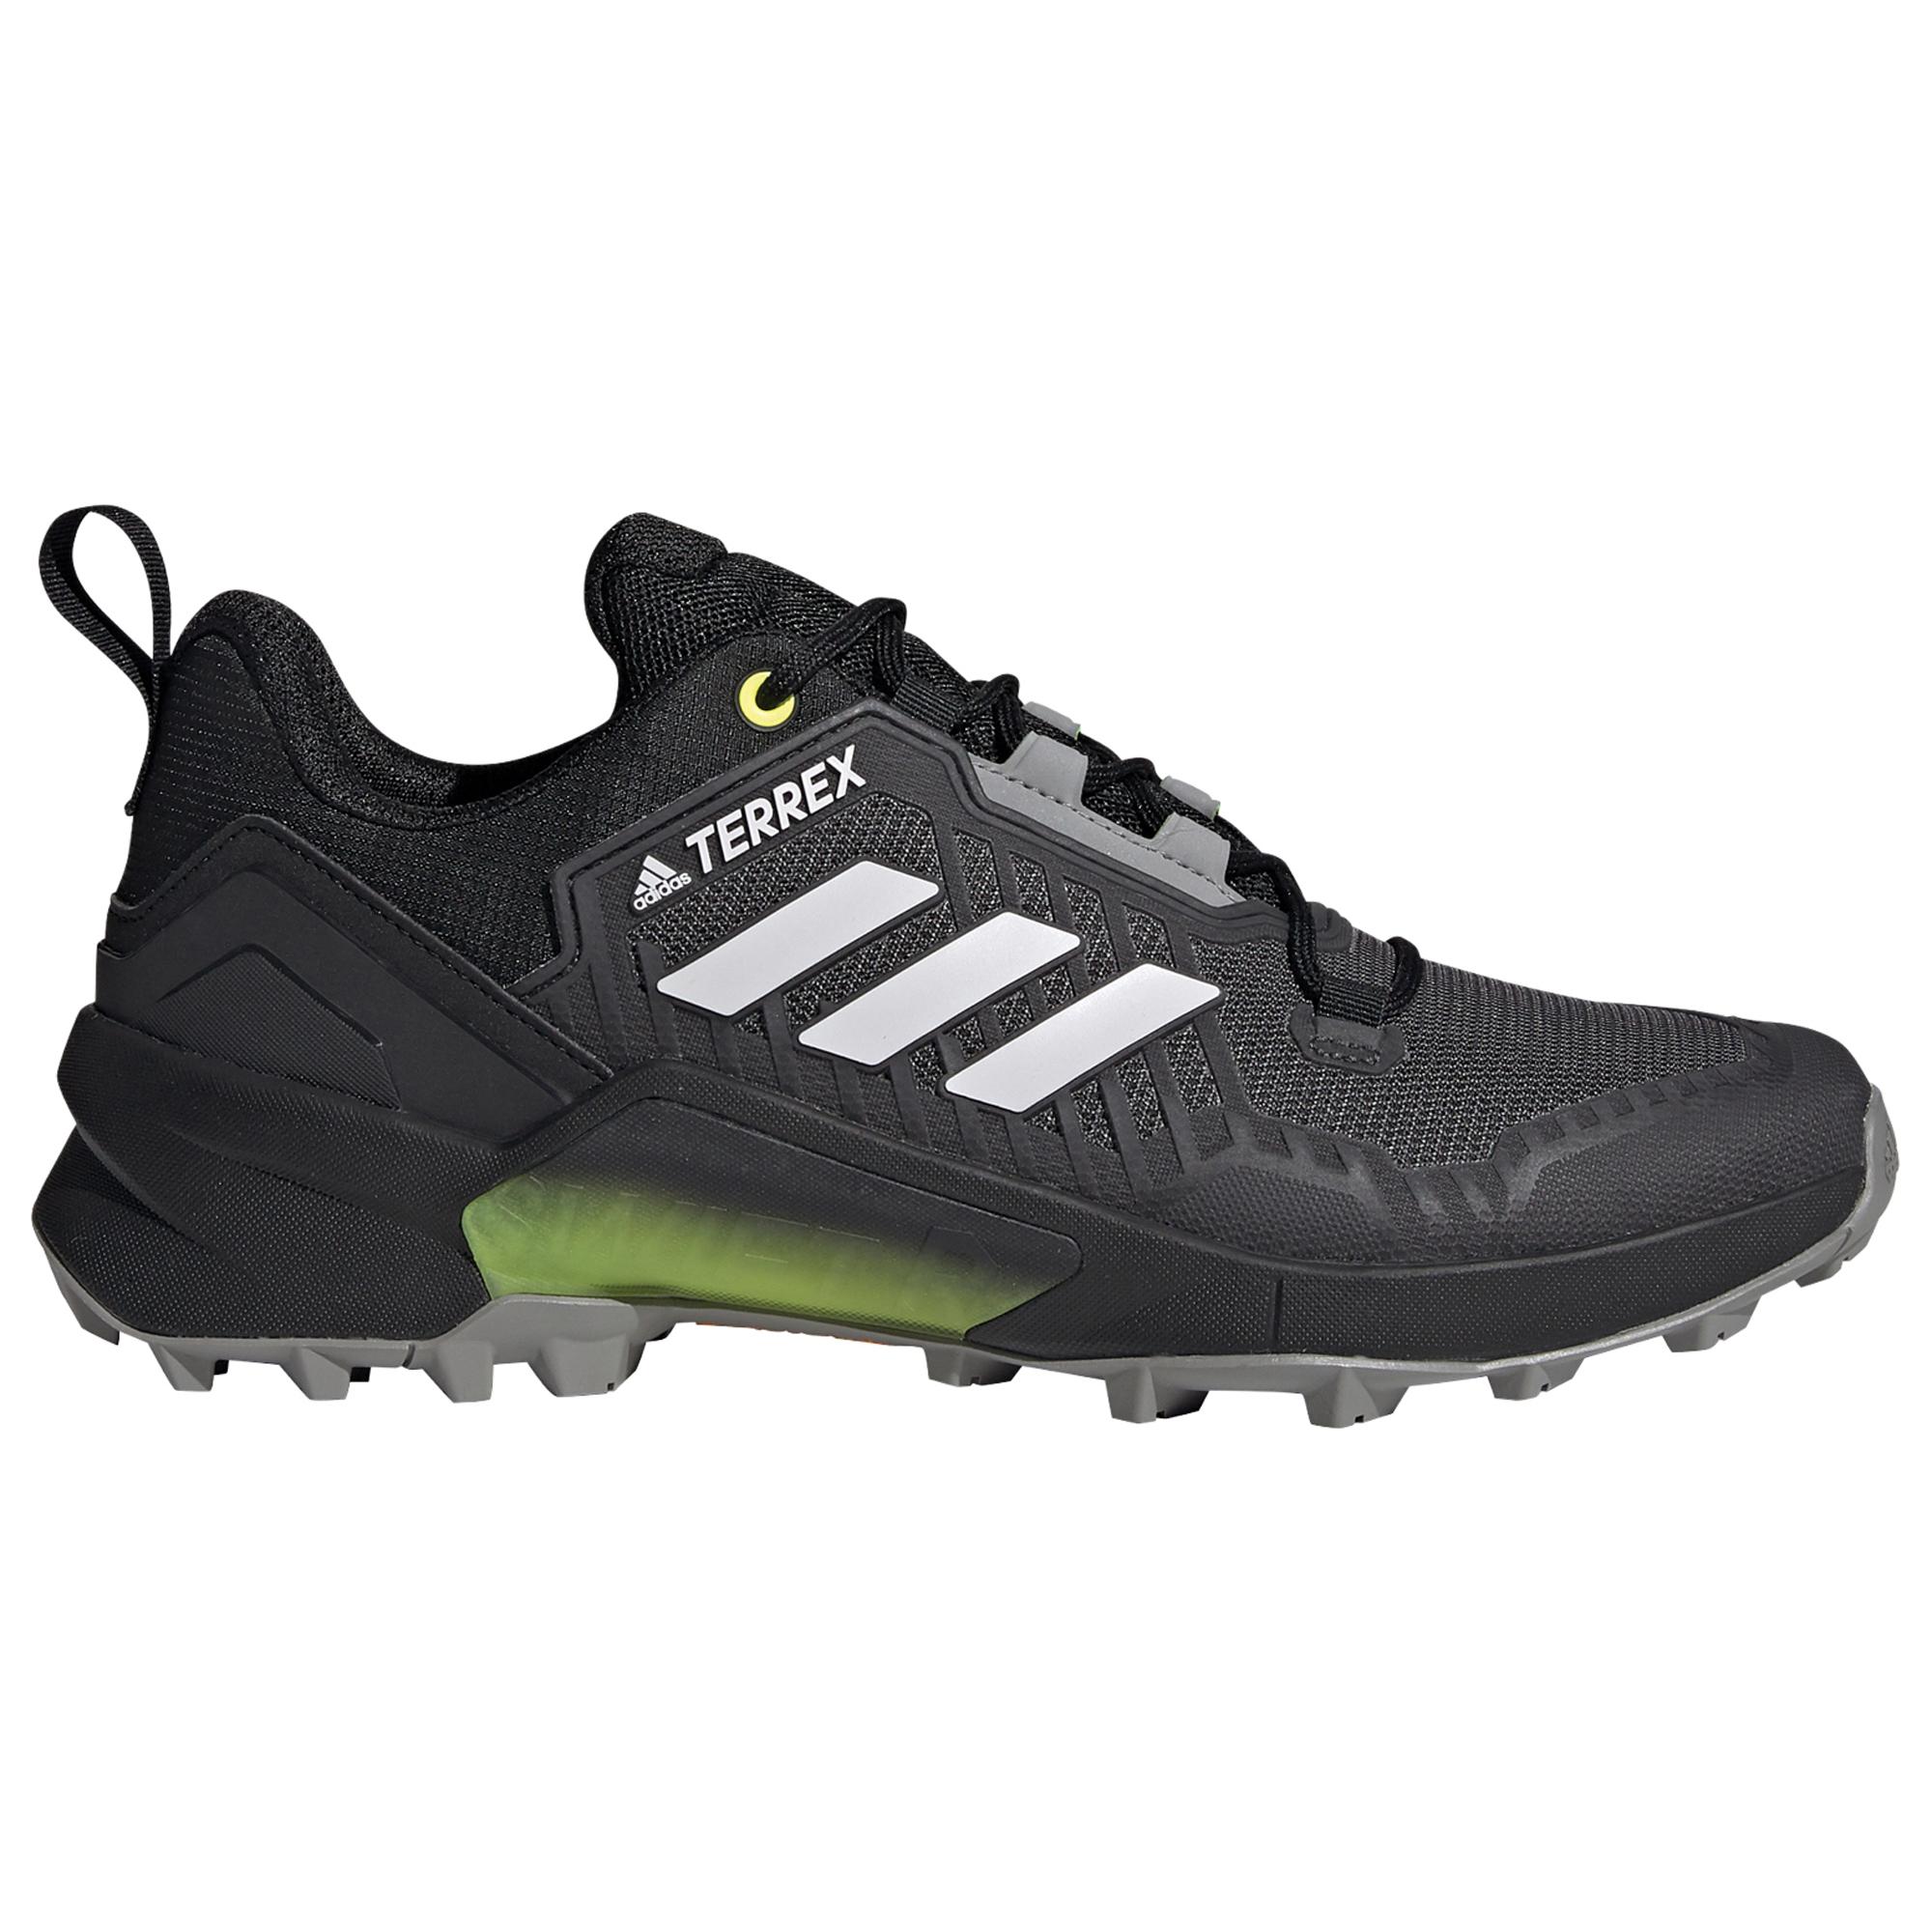 Adidas Terrex Swift R3 Wandelschoen Heren